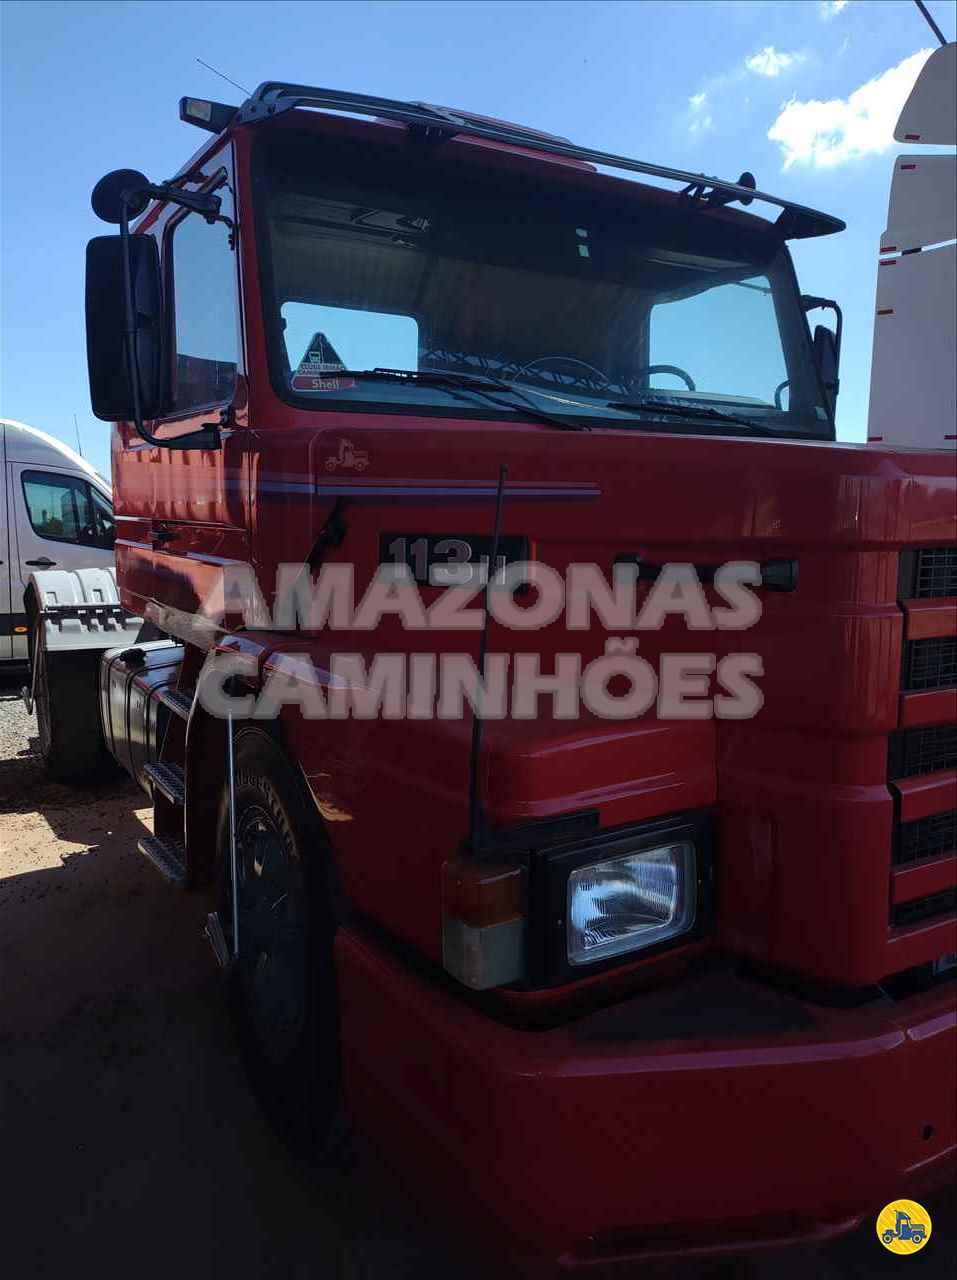 CAMINHAO SCANIA SCANIA 113 320 Cavalo Mecânico Toco 4x2 Amazonas Caminhões MARILIA SÃO PAULO SP